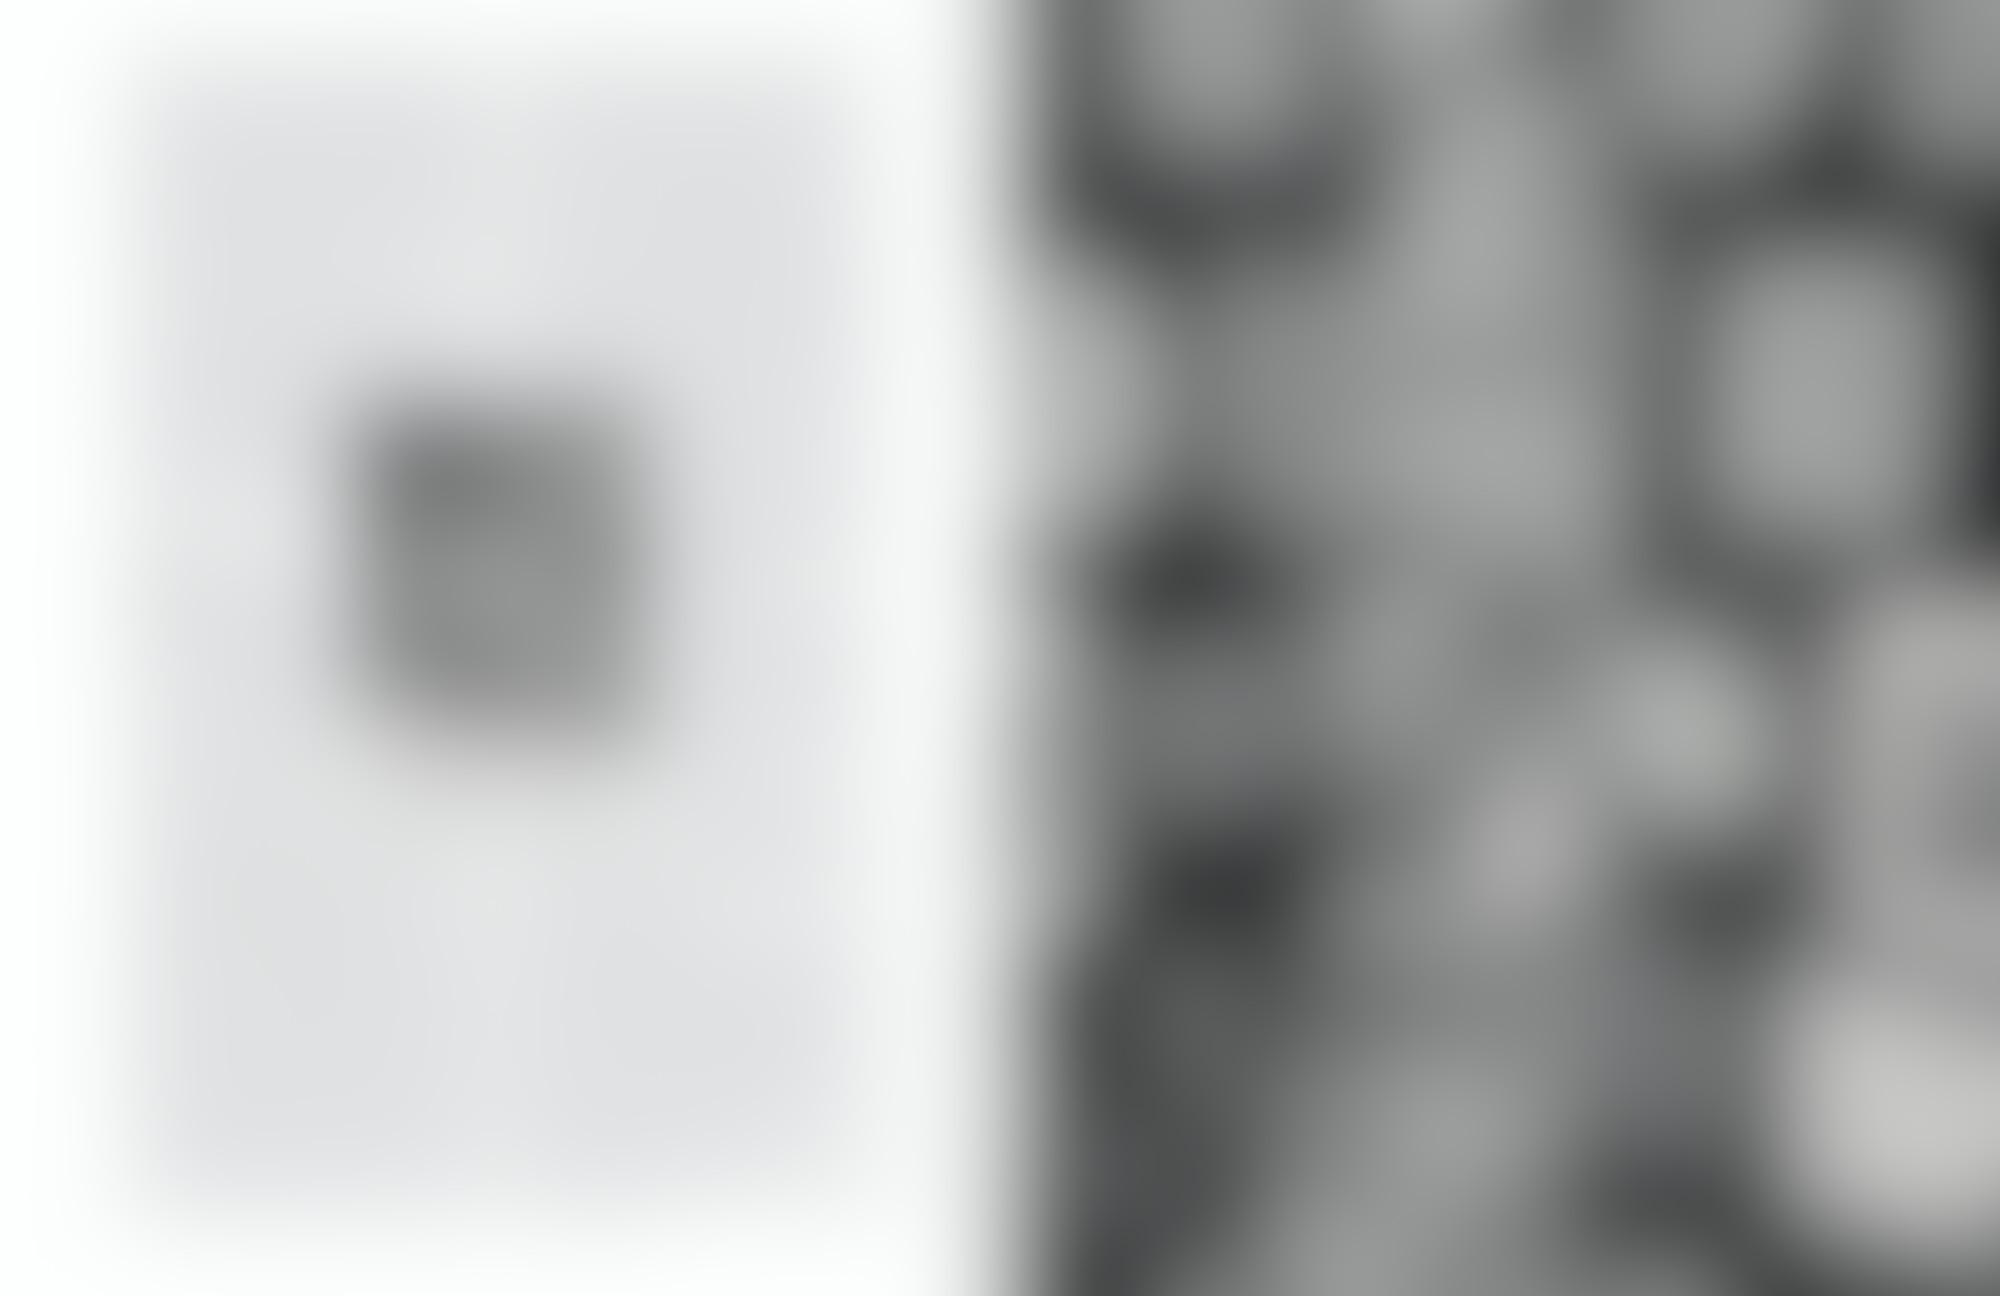 3 copy autocompressfitresizeixlibphp 1 1 0max h2000max w3 D2000q80s01fc984429cad51a0118278a32712dfb